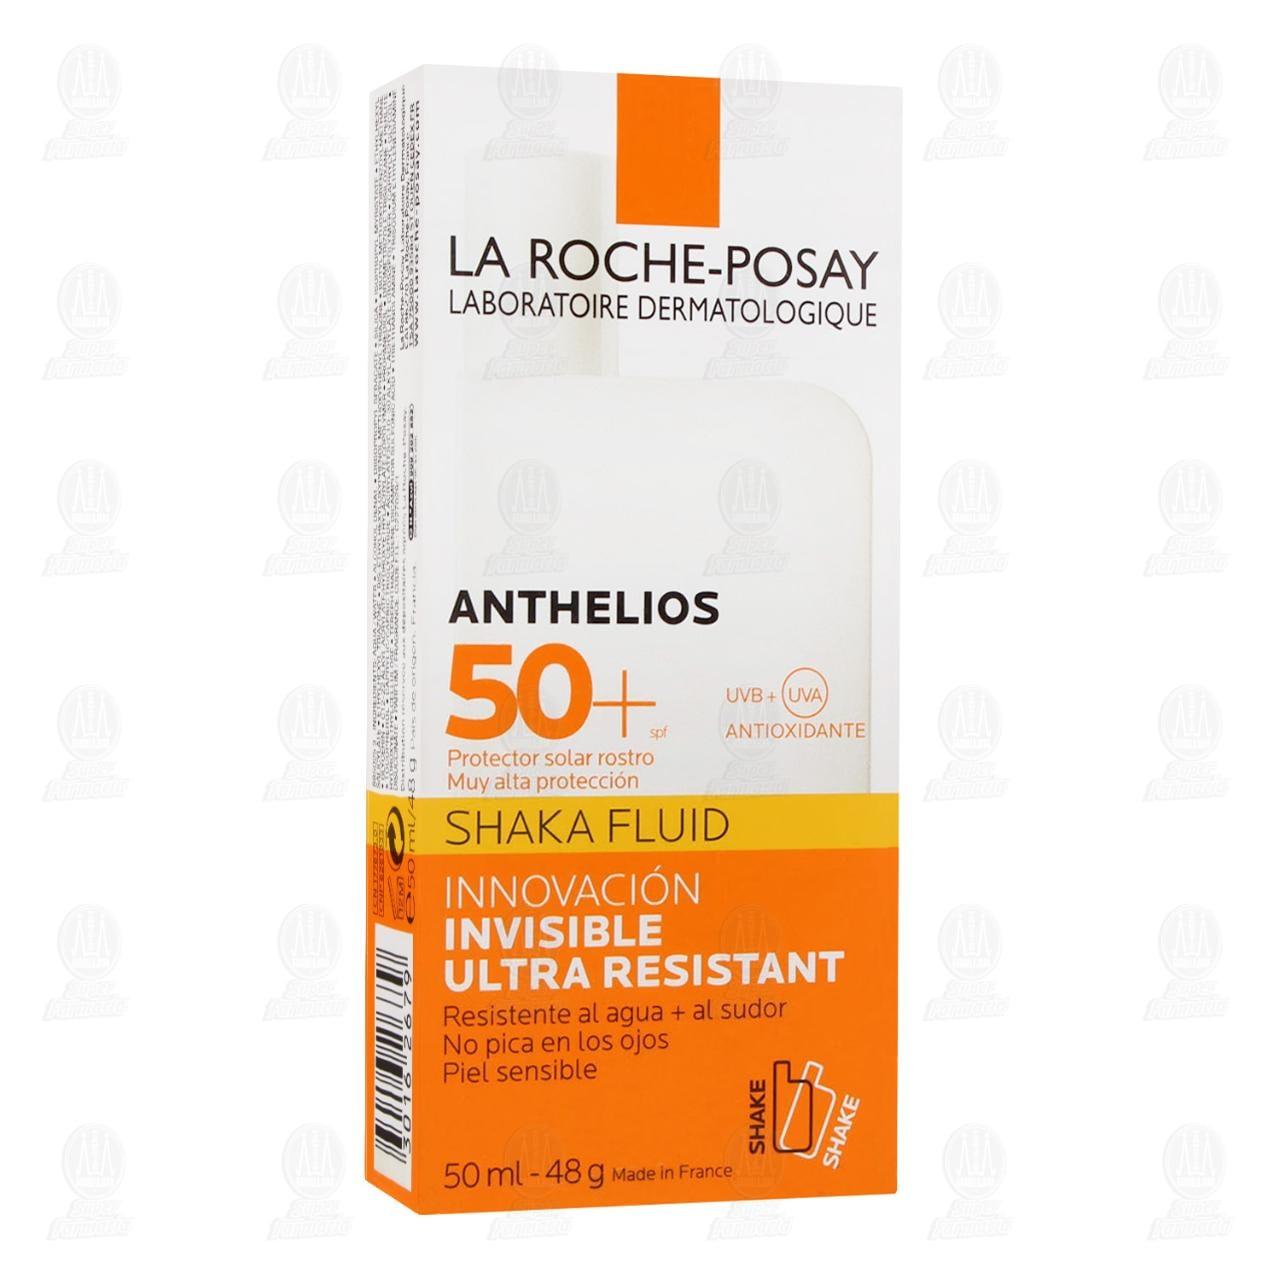 comprar https://www.movil.farmaciasguadalajara.com/wcsstore/FGCAS/wcs/products/1331450_A_1280_AL.jpg en farmacias guadalajara